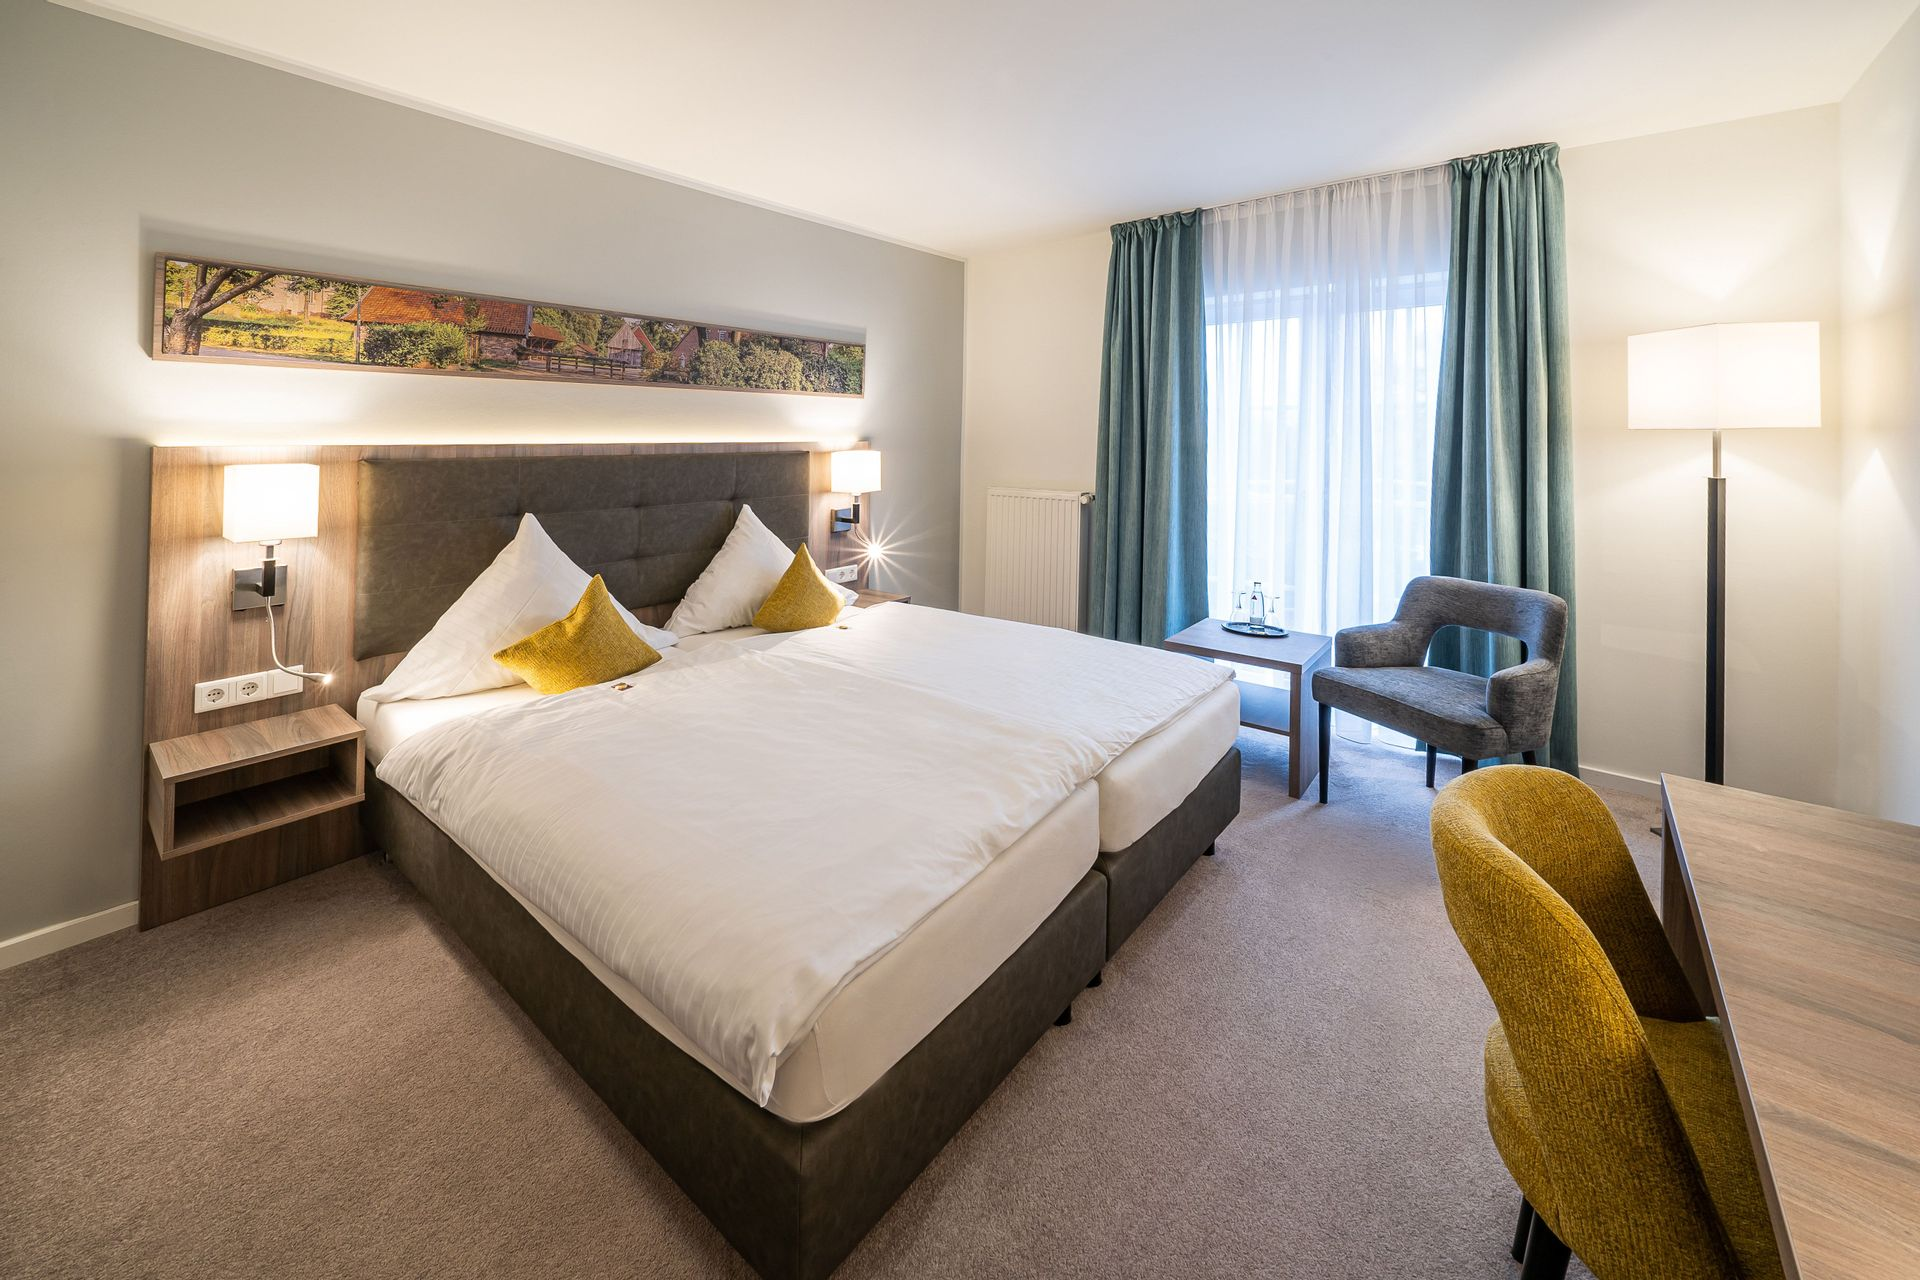 Herzlich Willkommen! | Hotel Meyerink